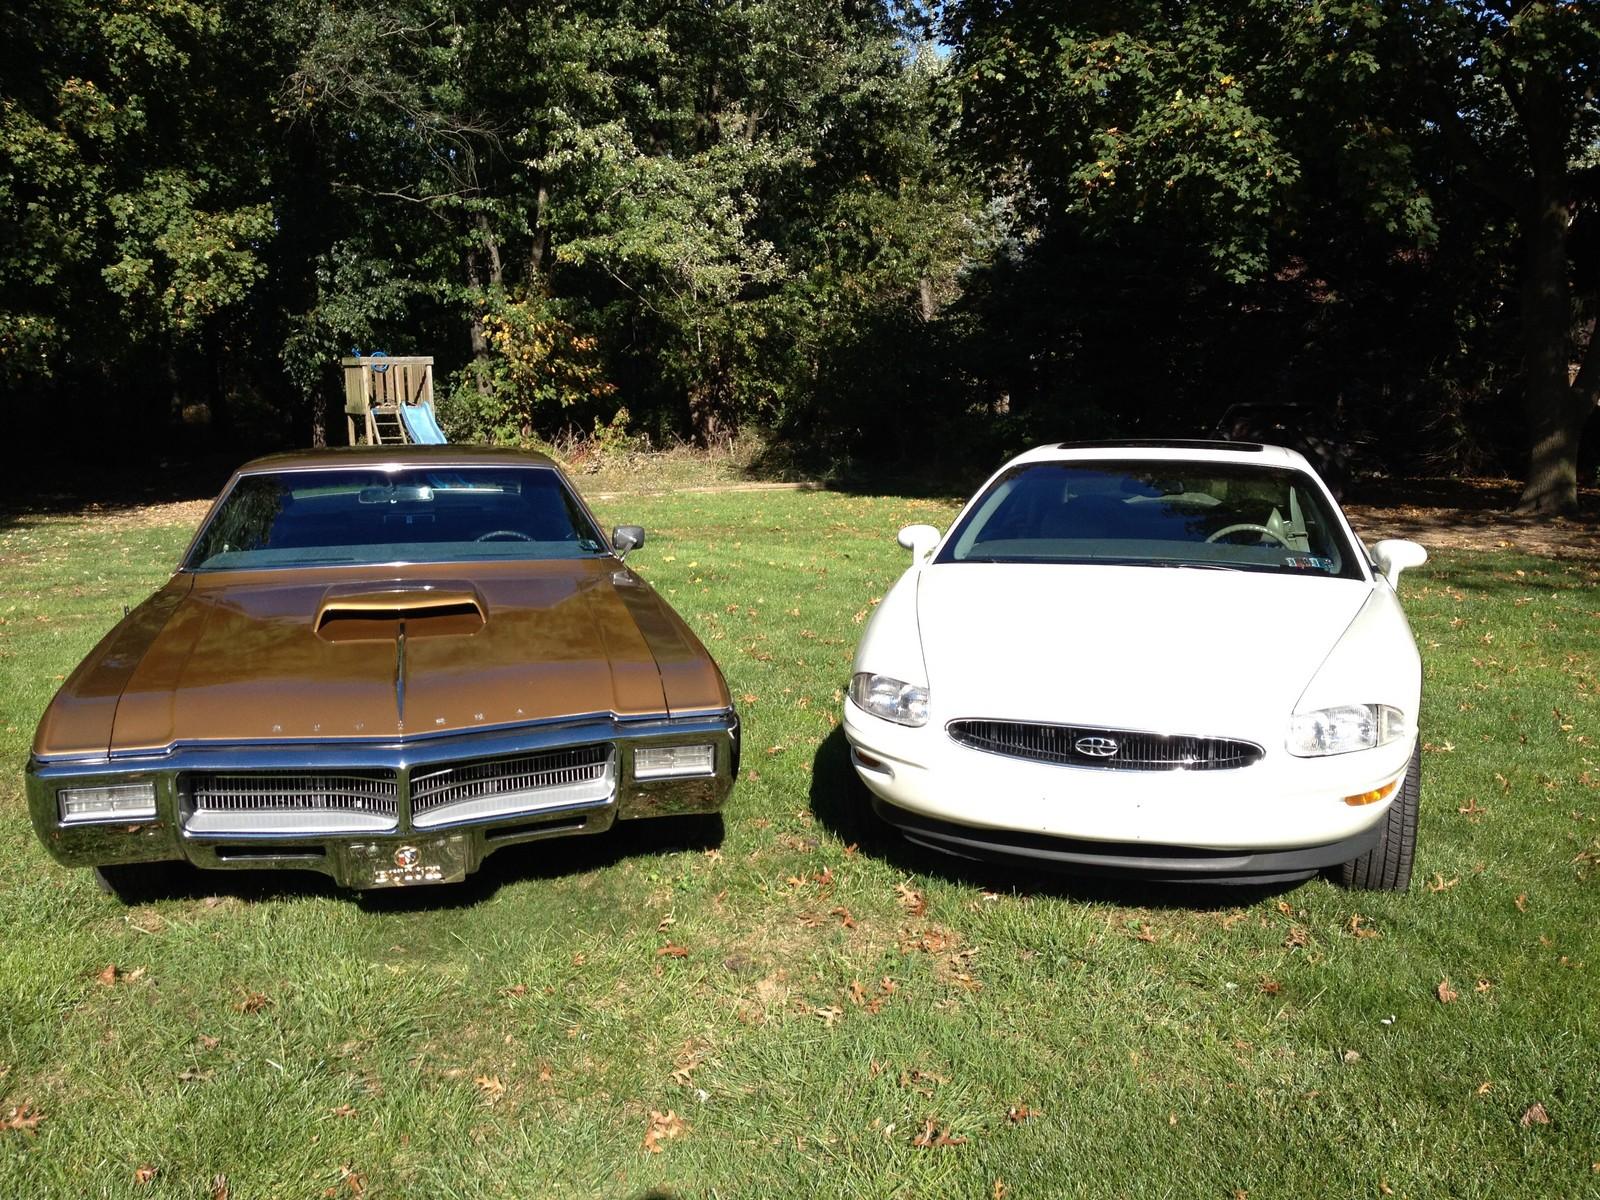 Buick Riviera  runs 12.780 @ 105.000 MPH in the 1/4 mile